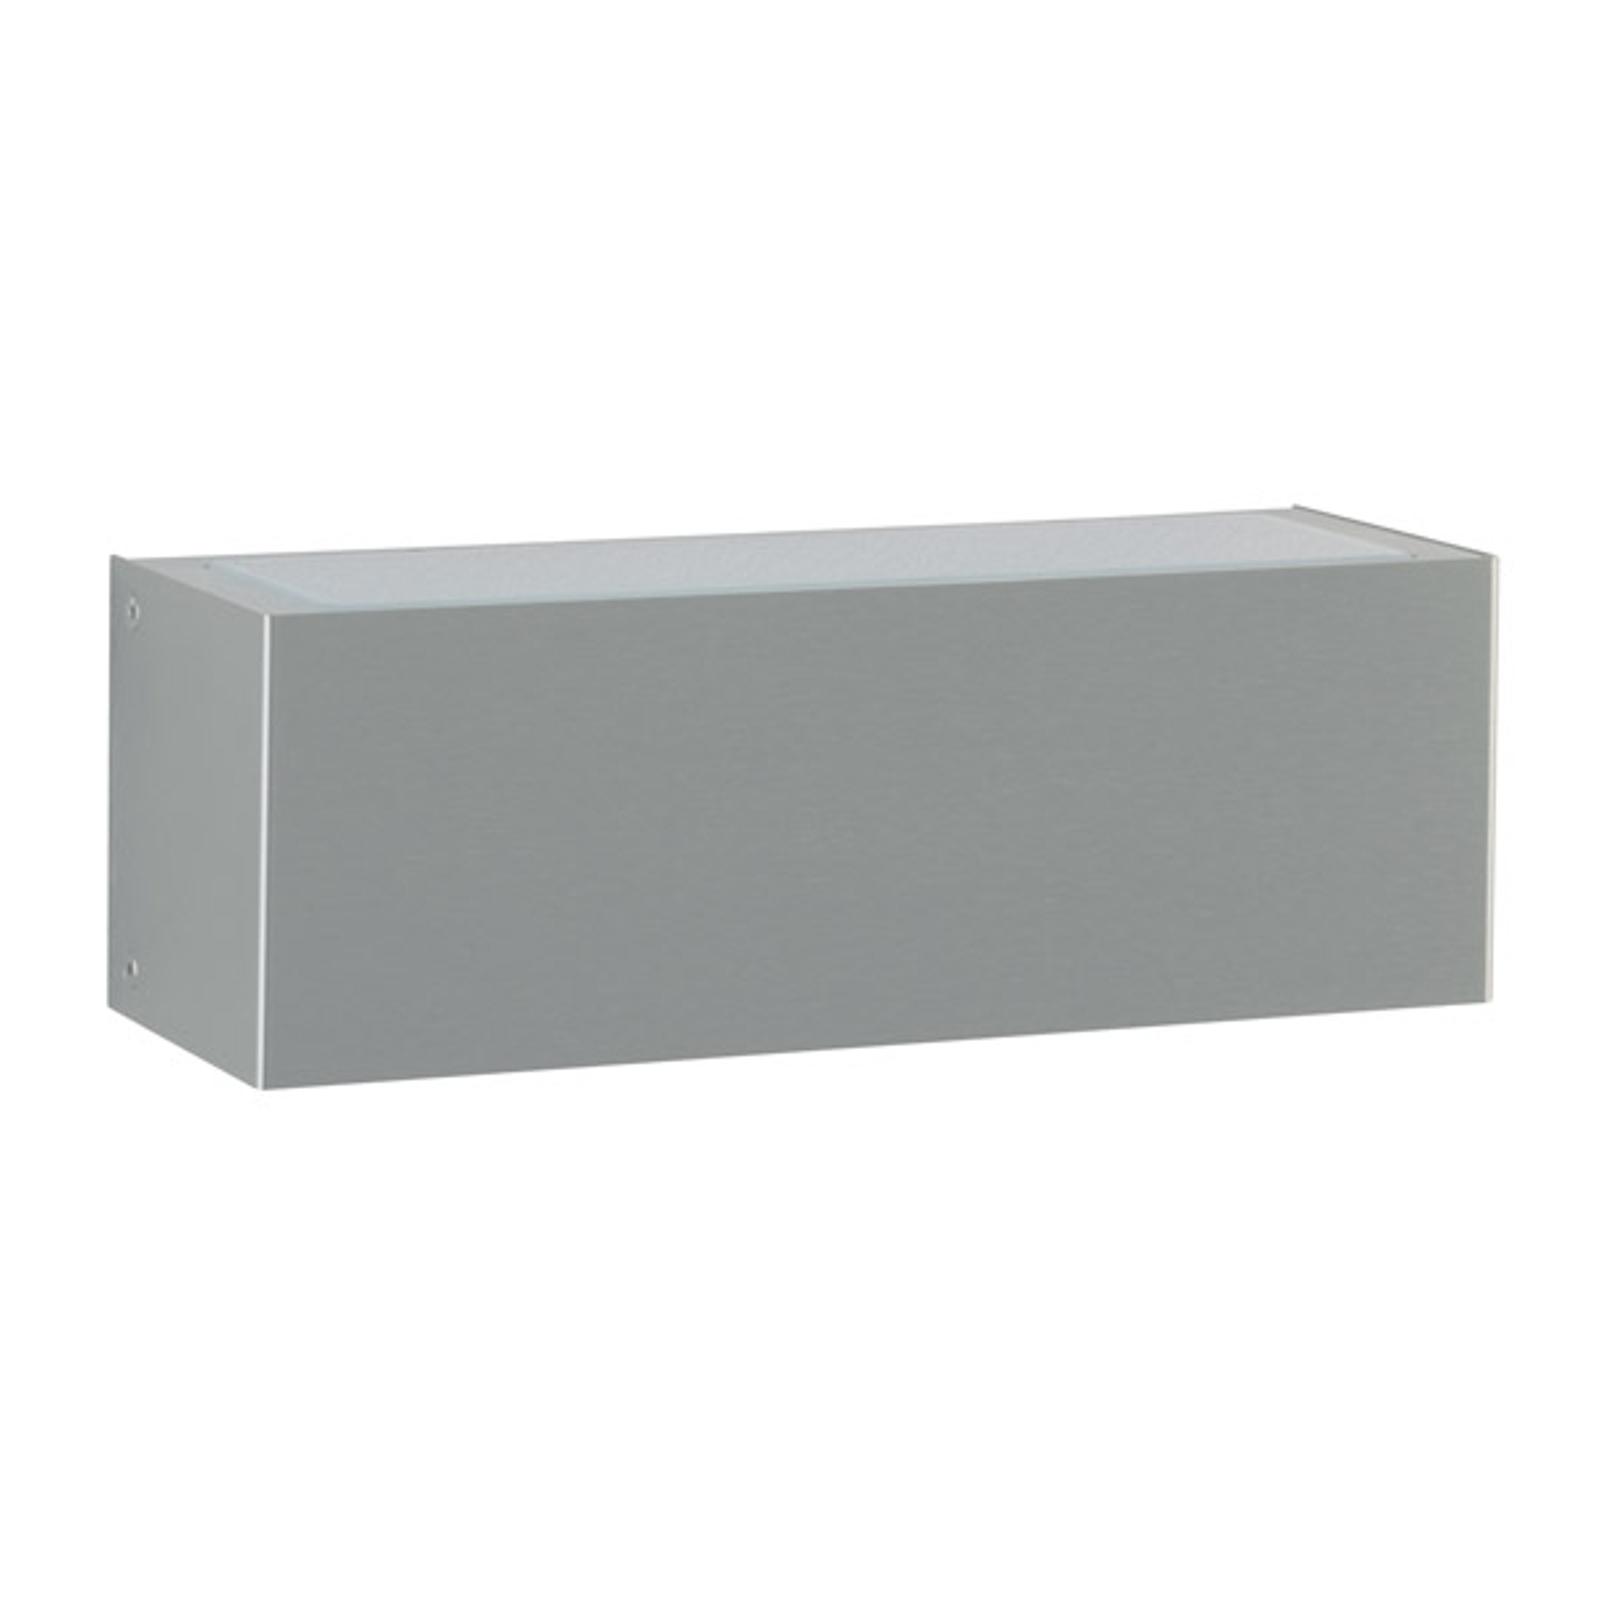 Wandleuchte Cube Breite 30 cm